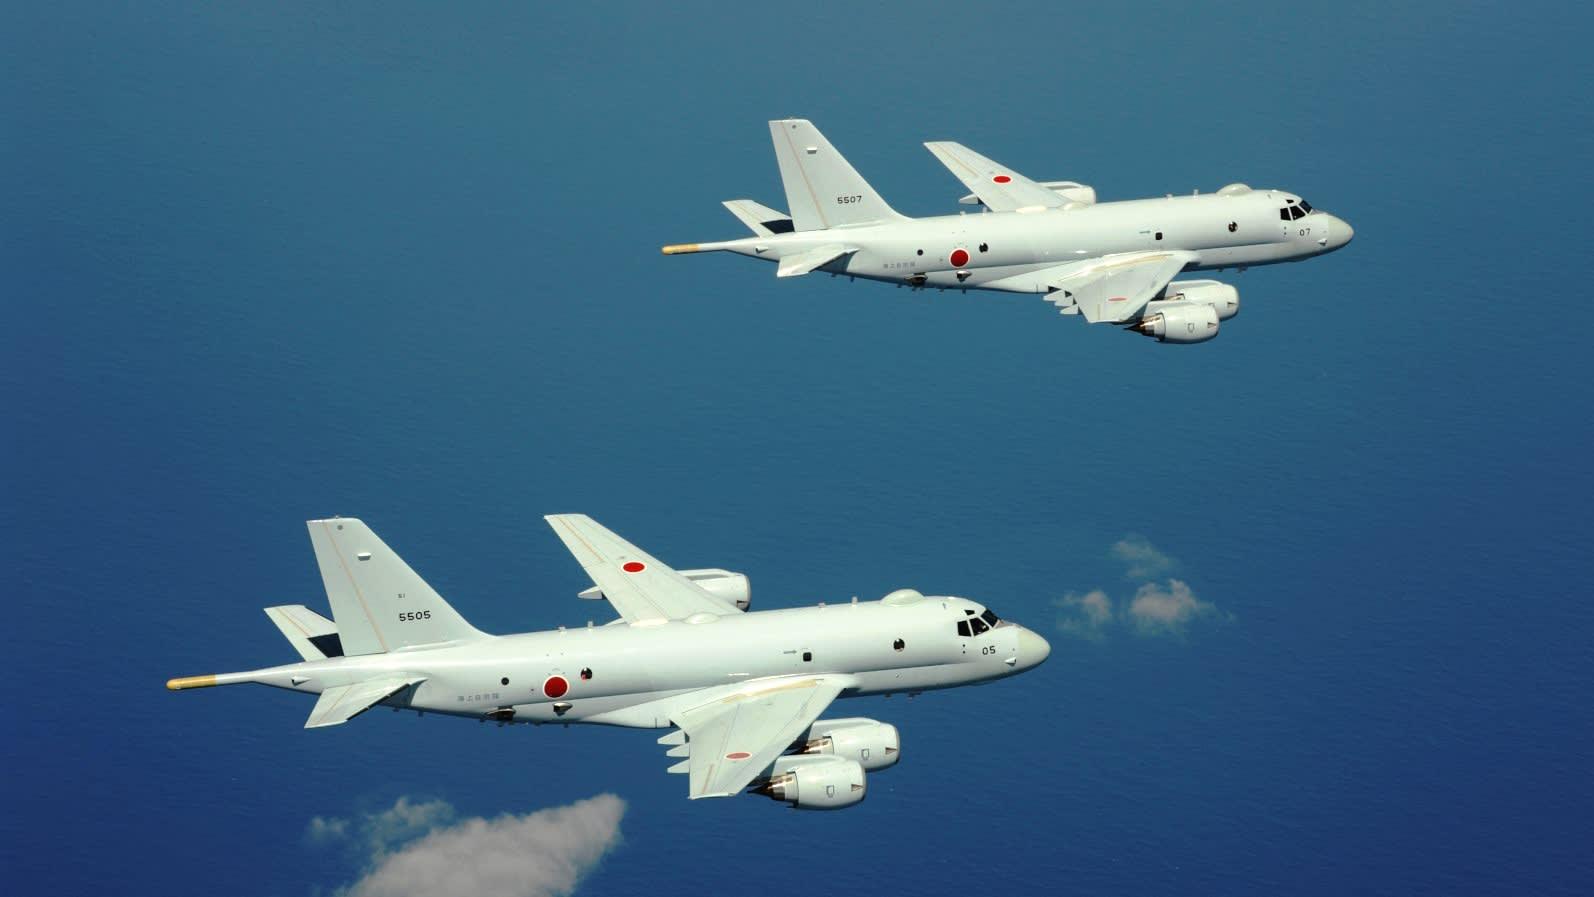 Новый японский базовый патрульный (противолодочный) самолет Р-1